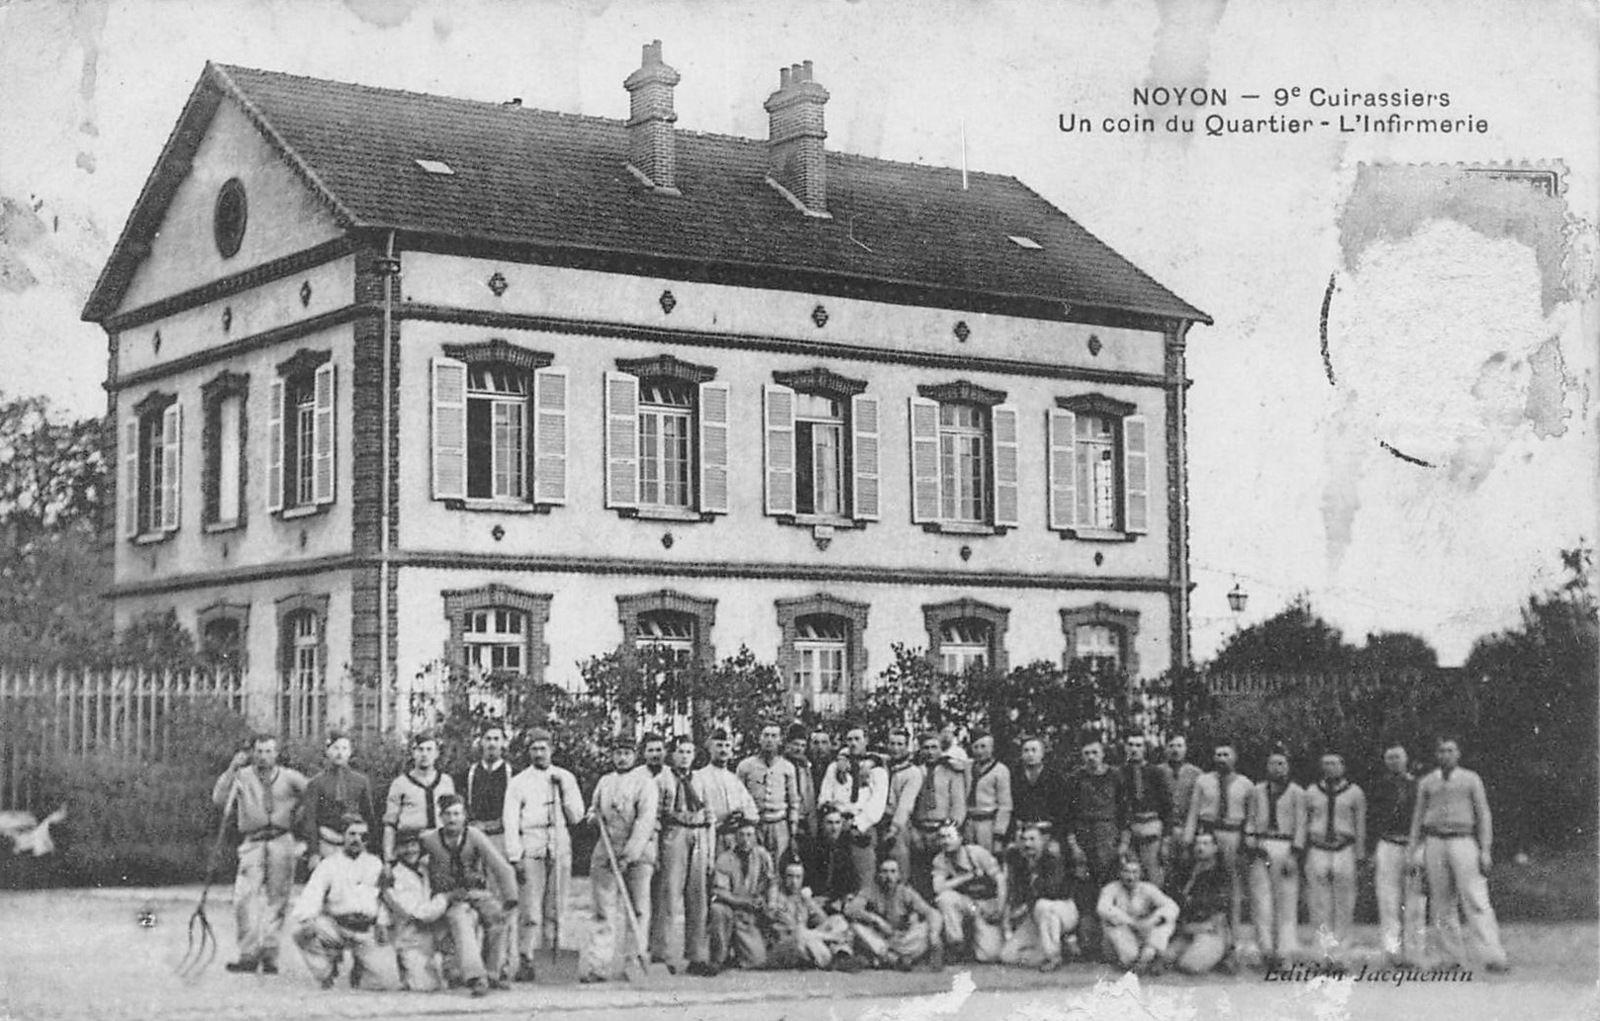 Album - la ville de Noyon (Oise), la caserne, le régiment du 9éme cuirassiers